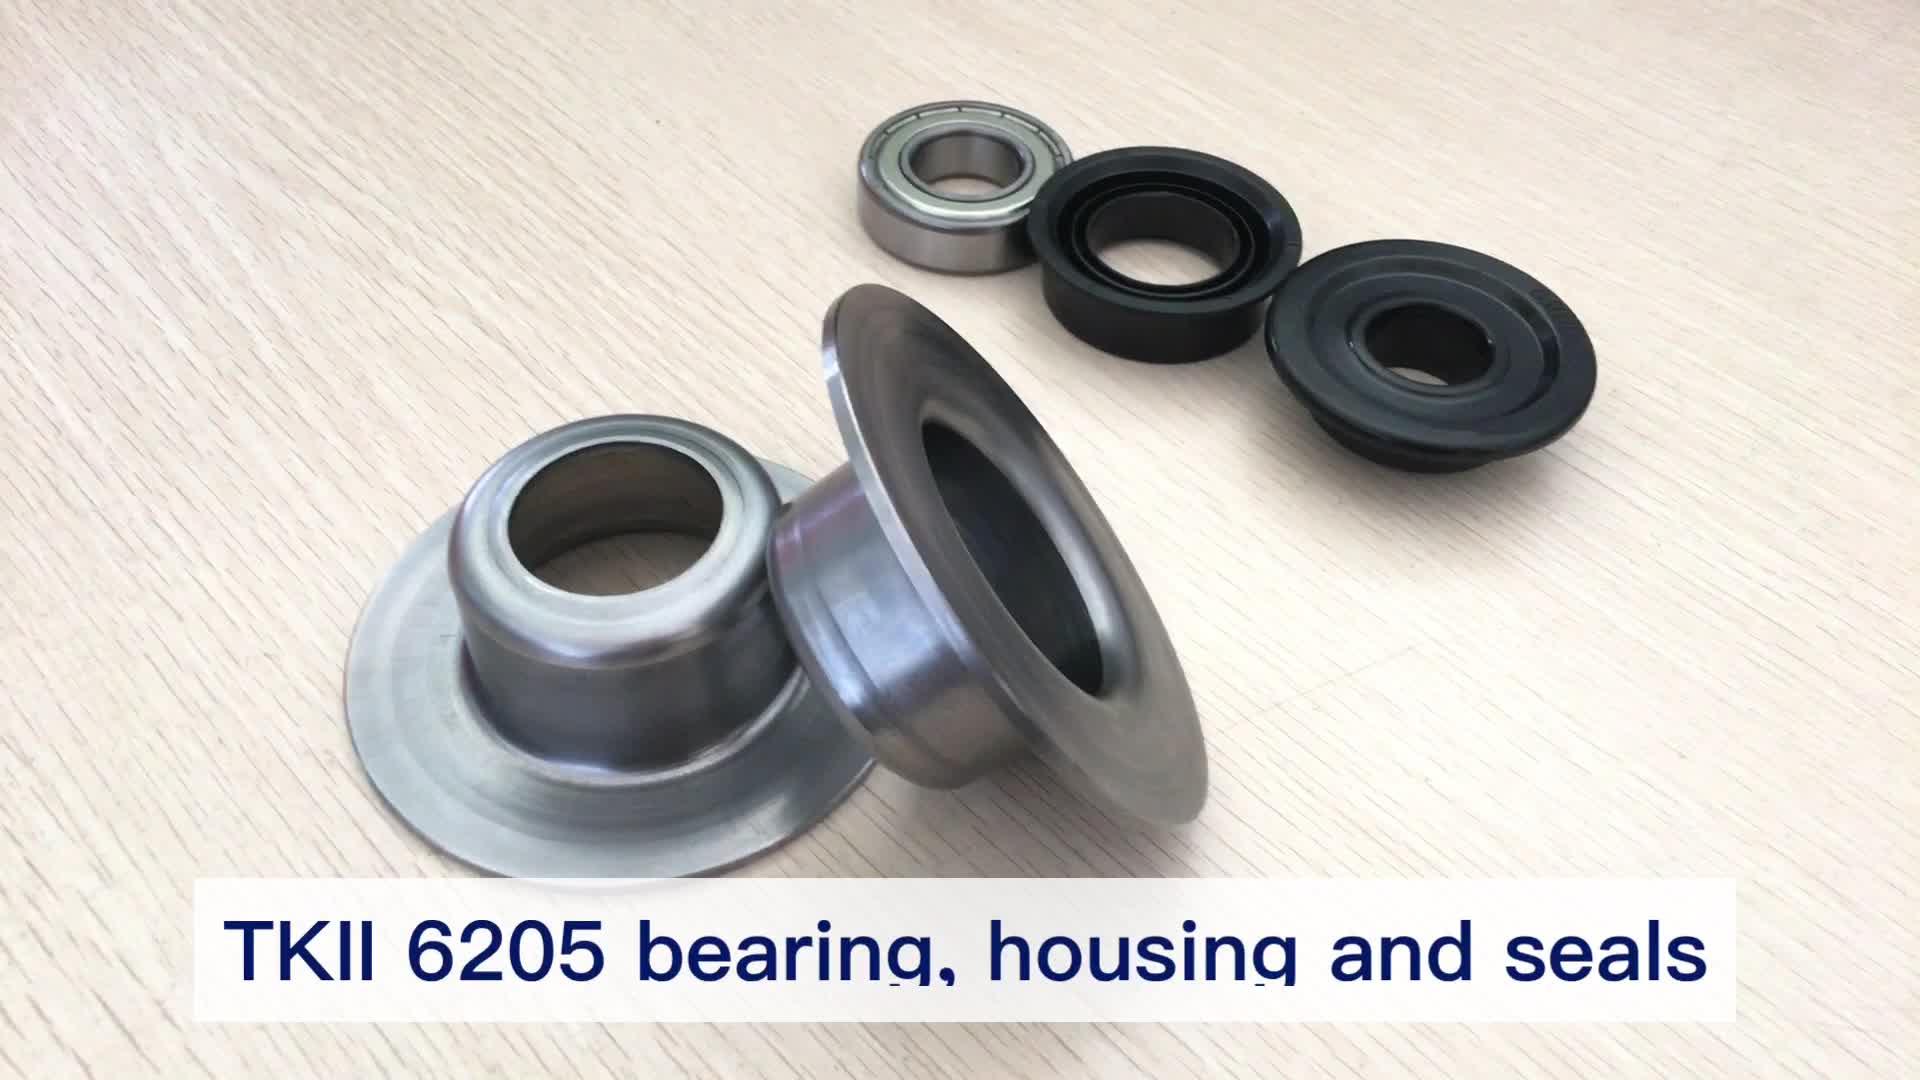 stamping belt conveyor roller bearing housing/stand/base/house tk2/tkii 6205